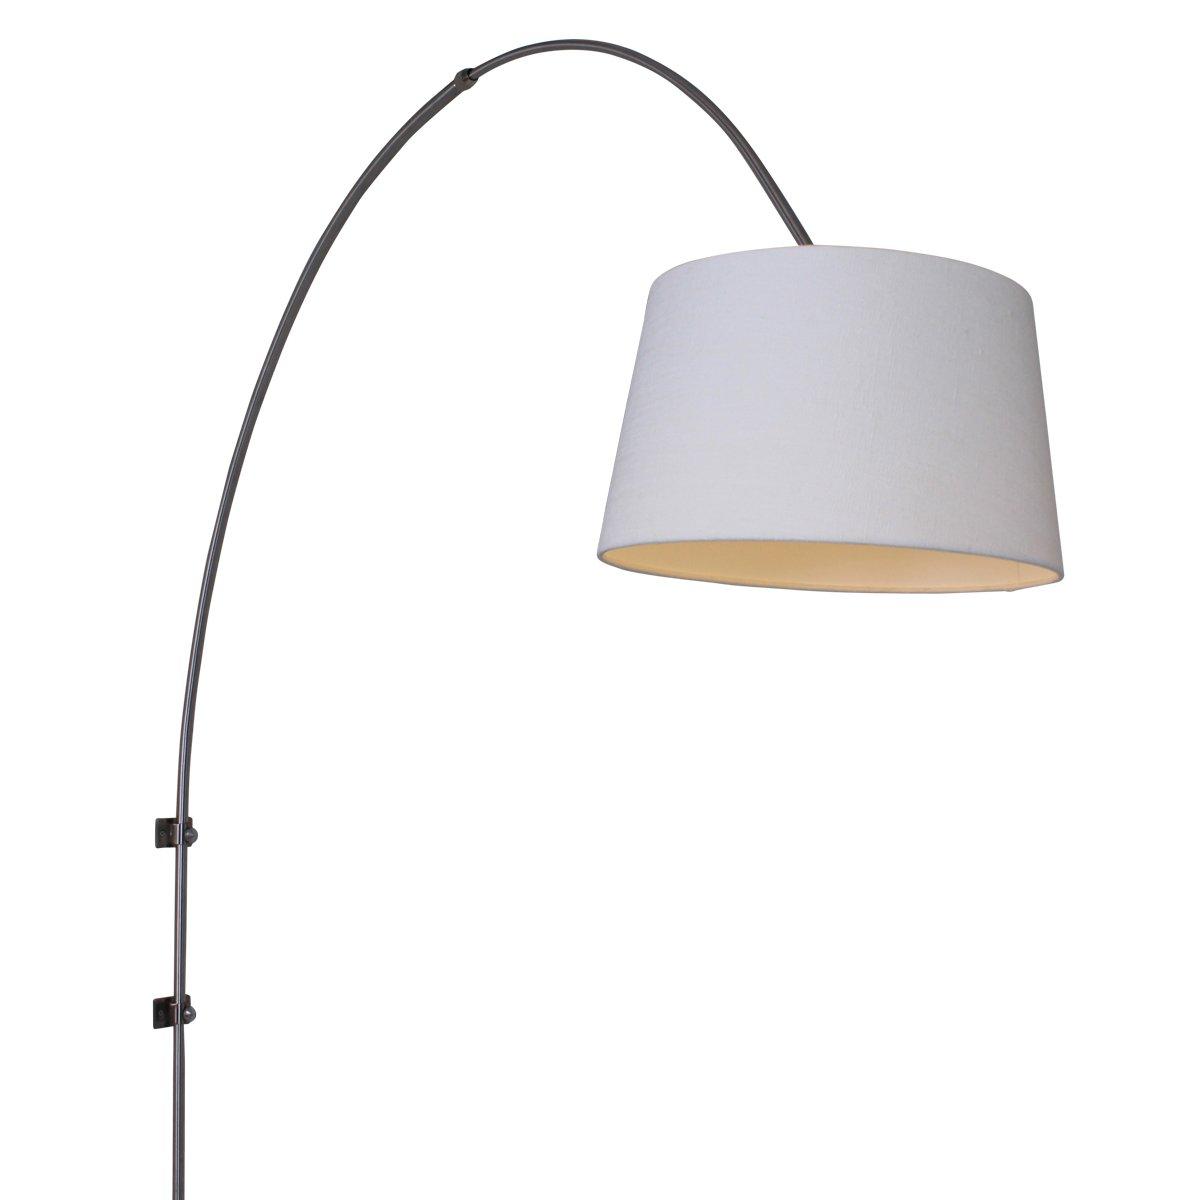 Steinhauer Wand booglamp Gramineus 30 Steinhauer 9943ST